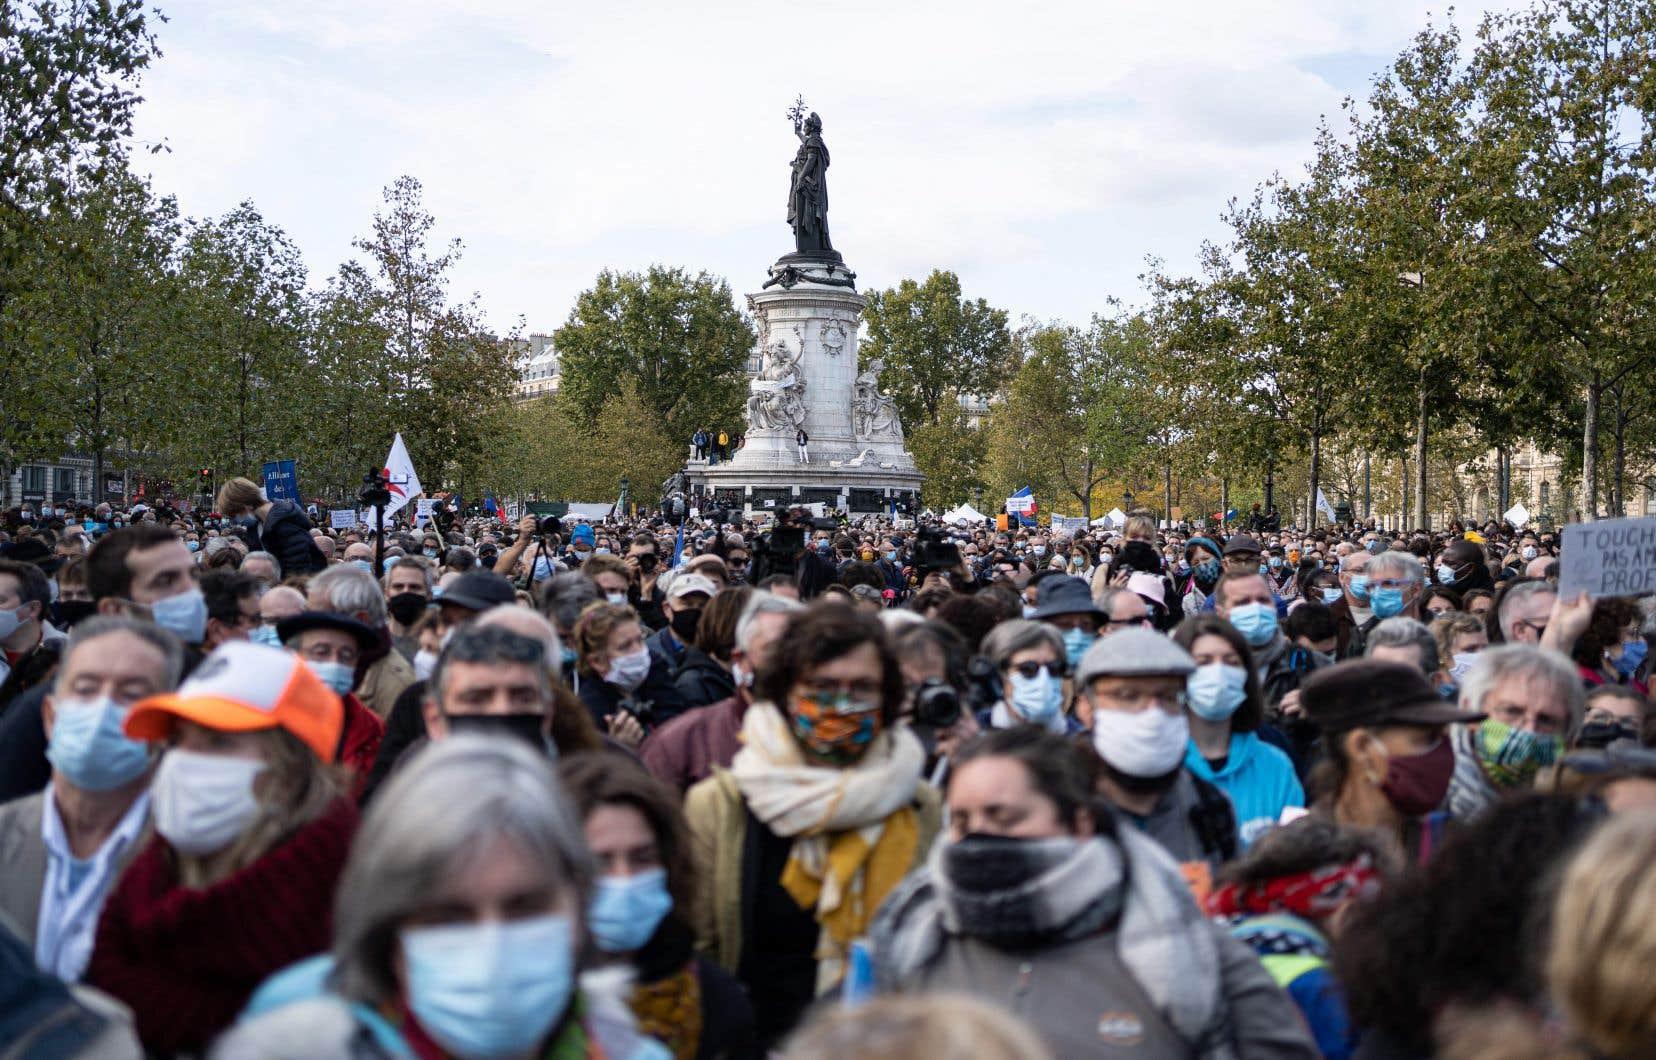 À Paris, la place de la République était noire de monde dimanche, des milliers de personnes étant venues honorer la mémoire de Samuel Paty, décapité pour avoir montré à ses élèves des caricatures de Mahomet.